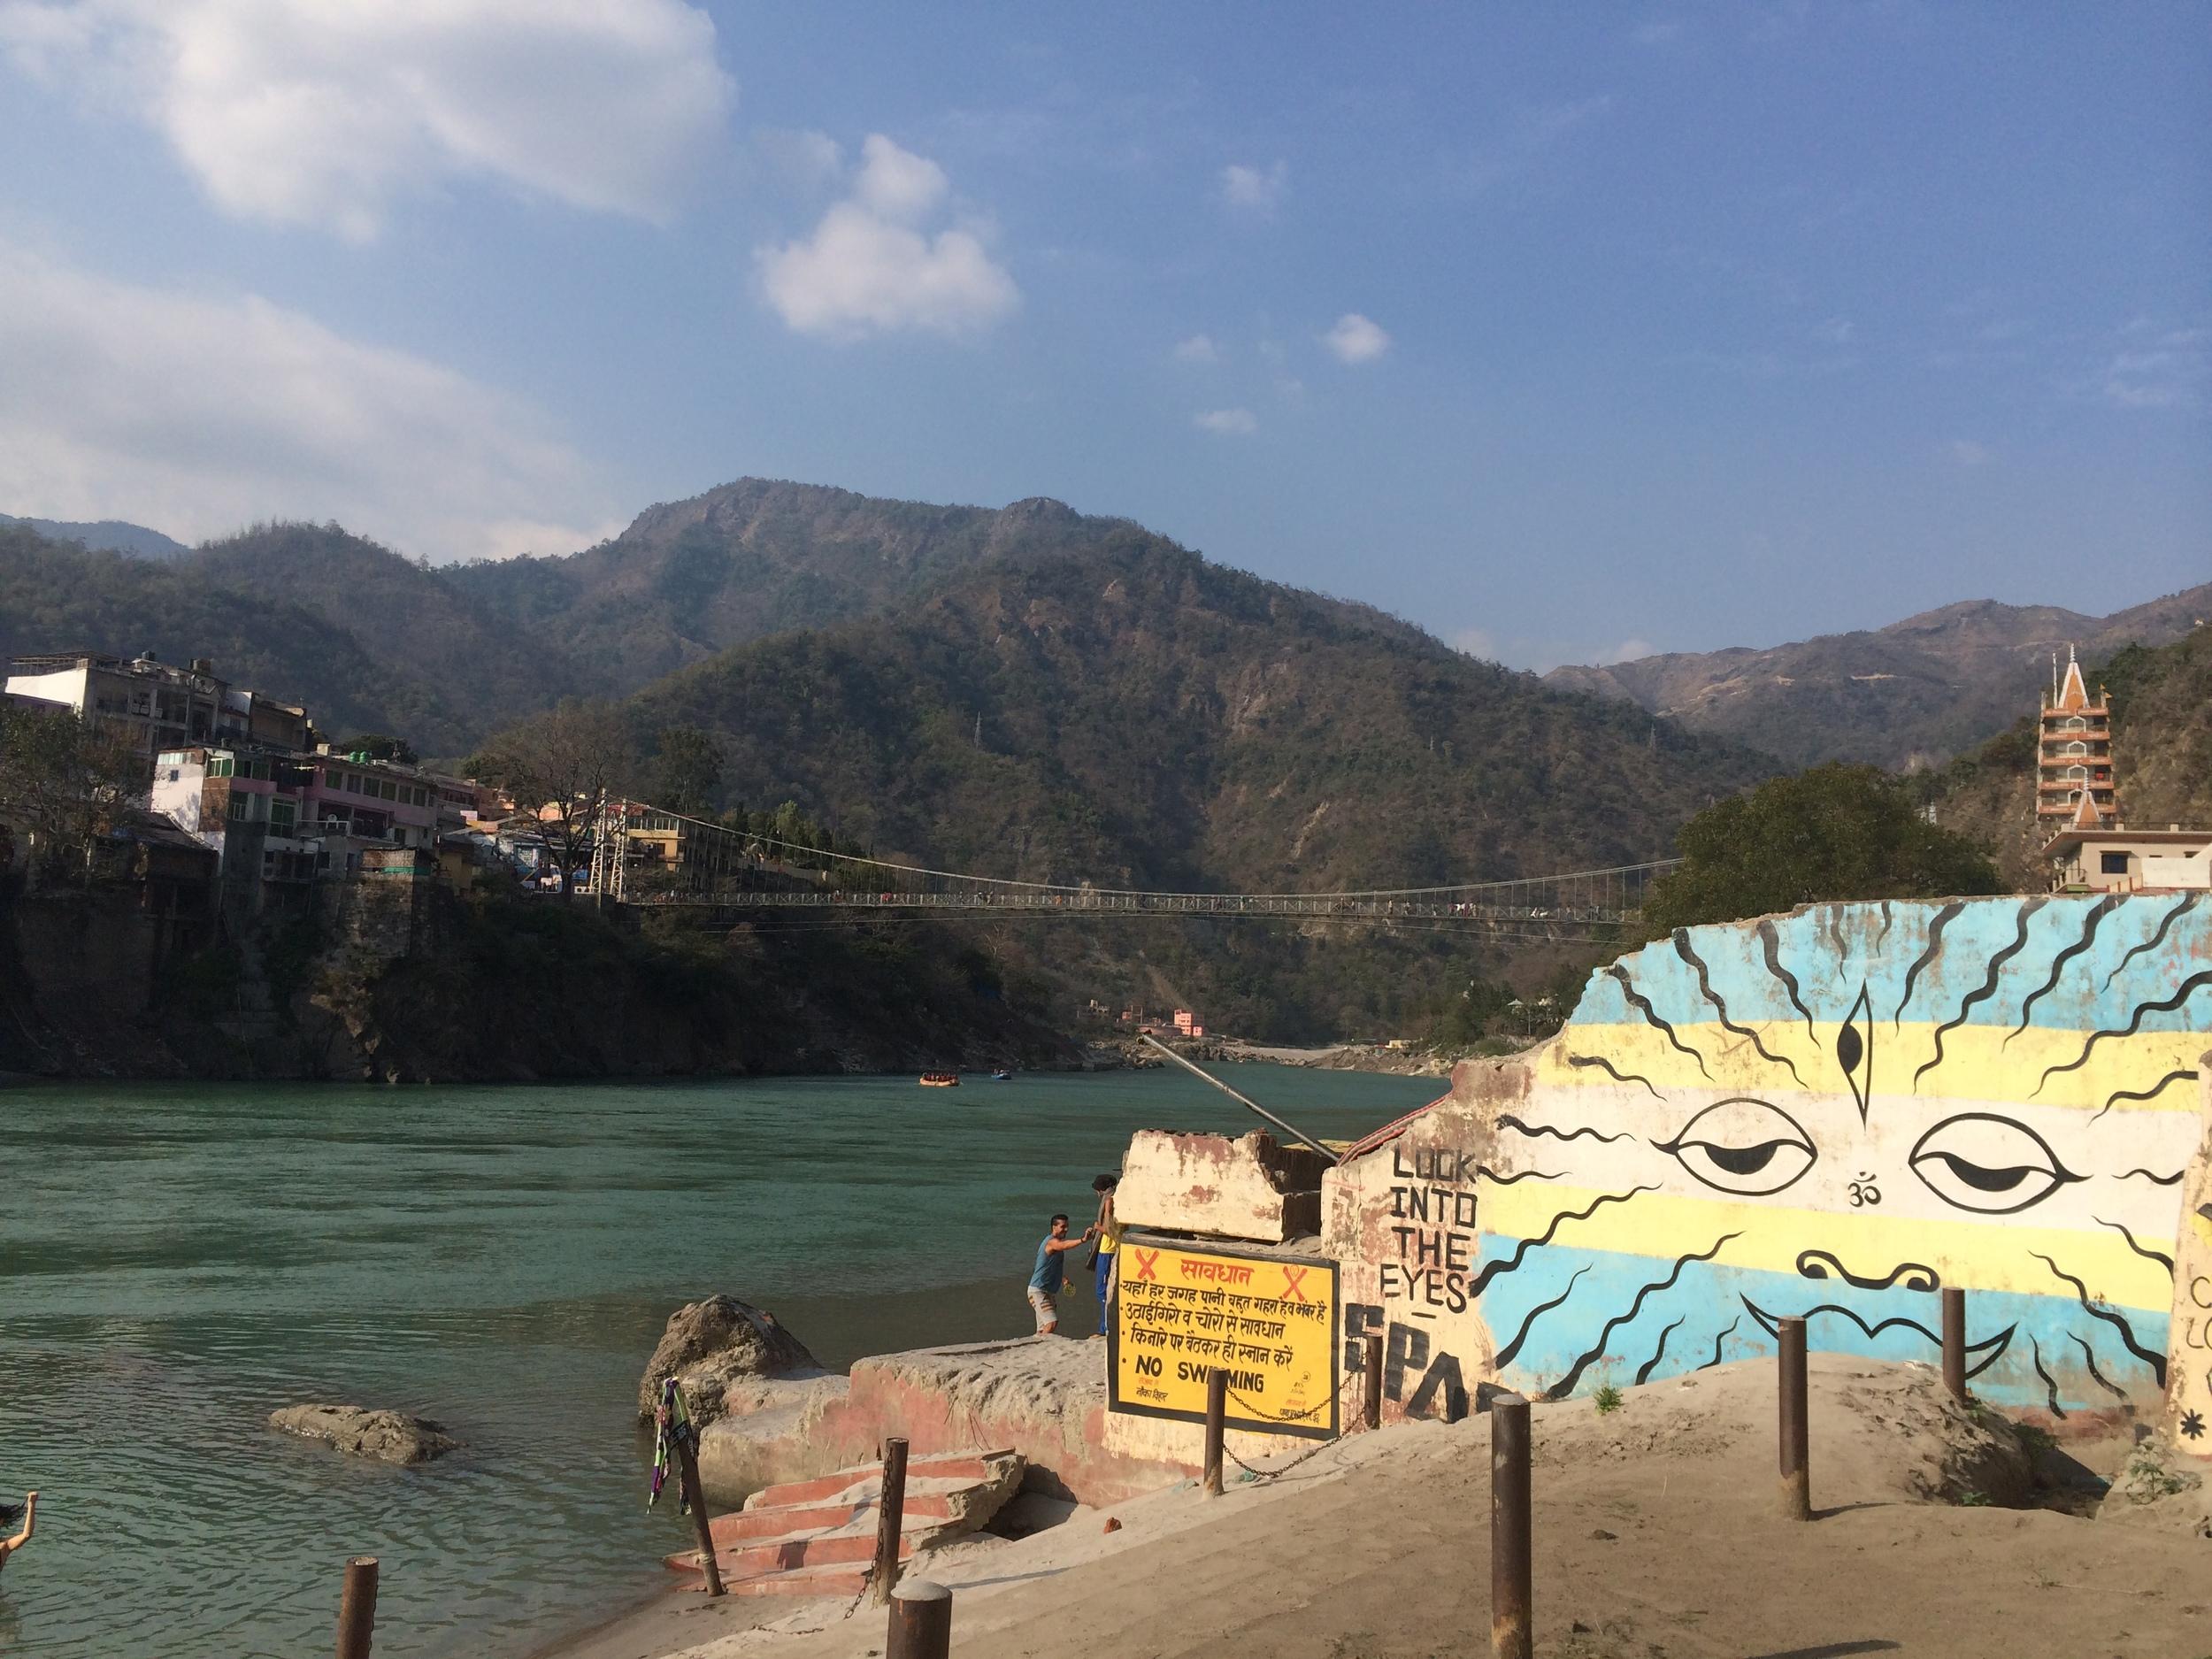 Ganga: Bringer of Bliss